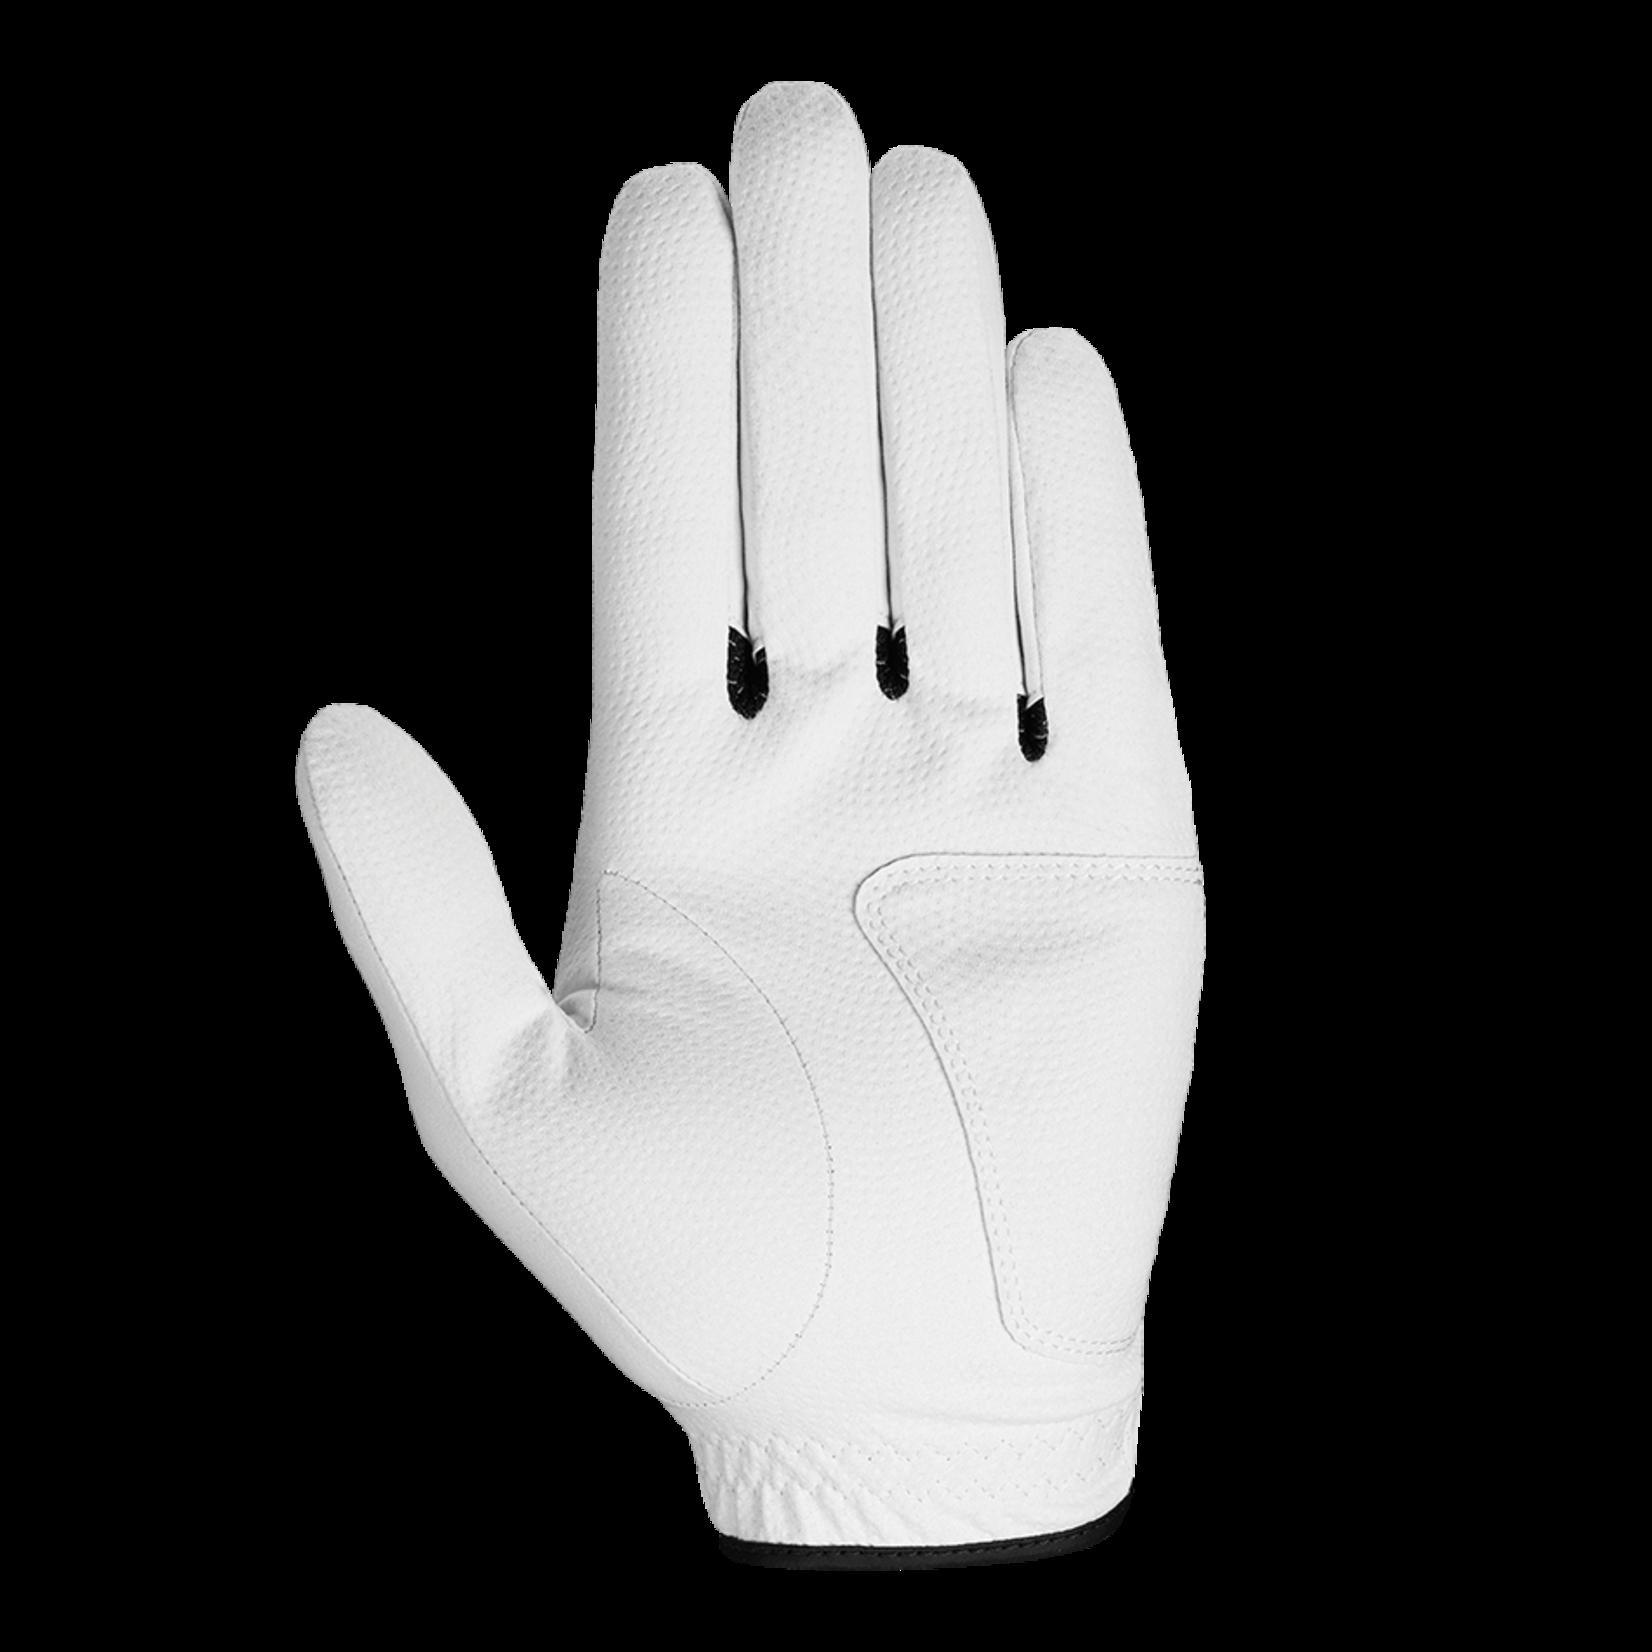 Callaway Callaway Syntech Glove Ladies (left hand)